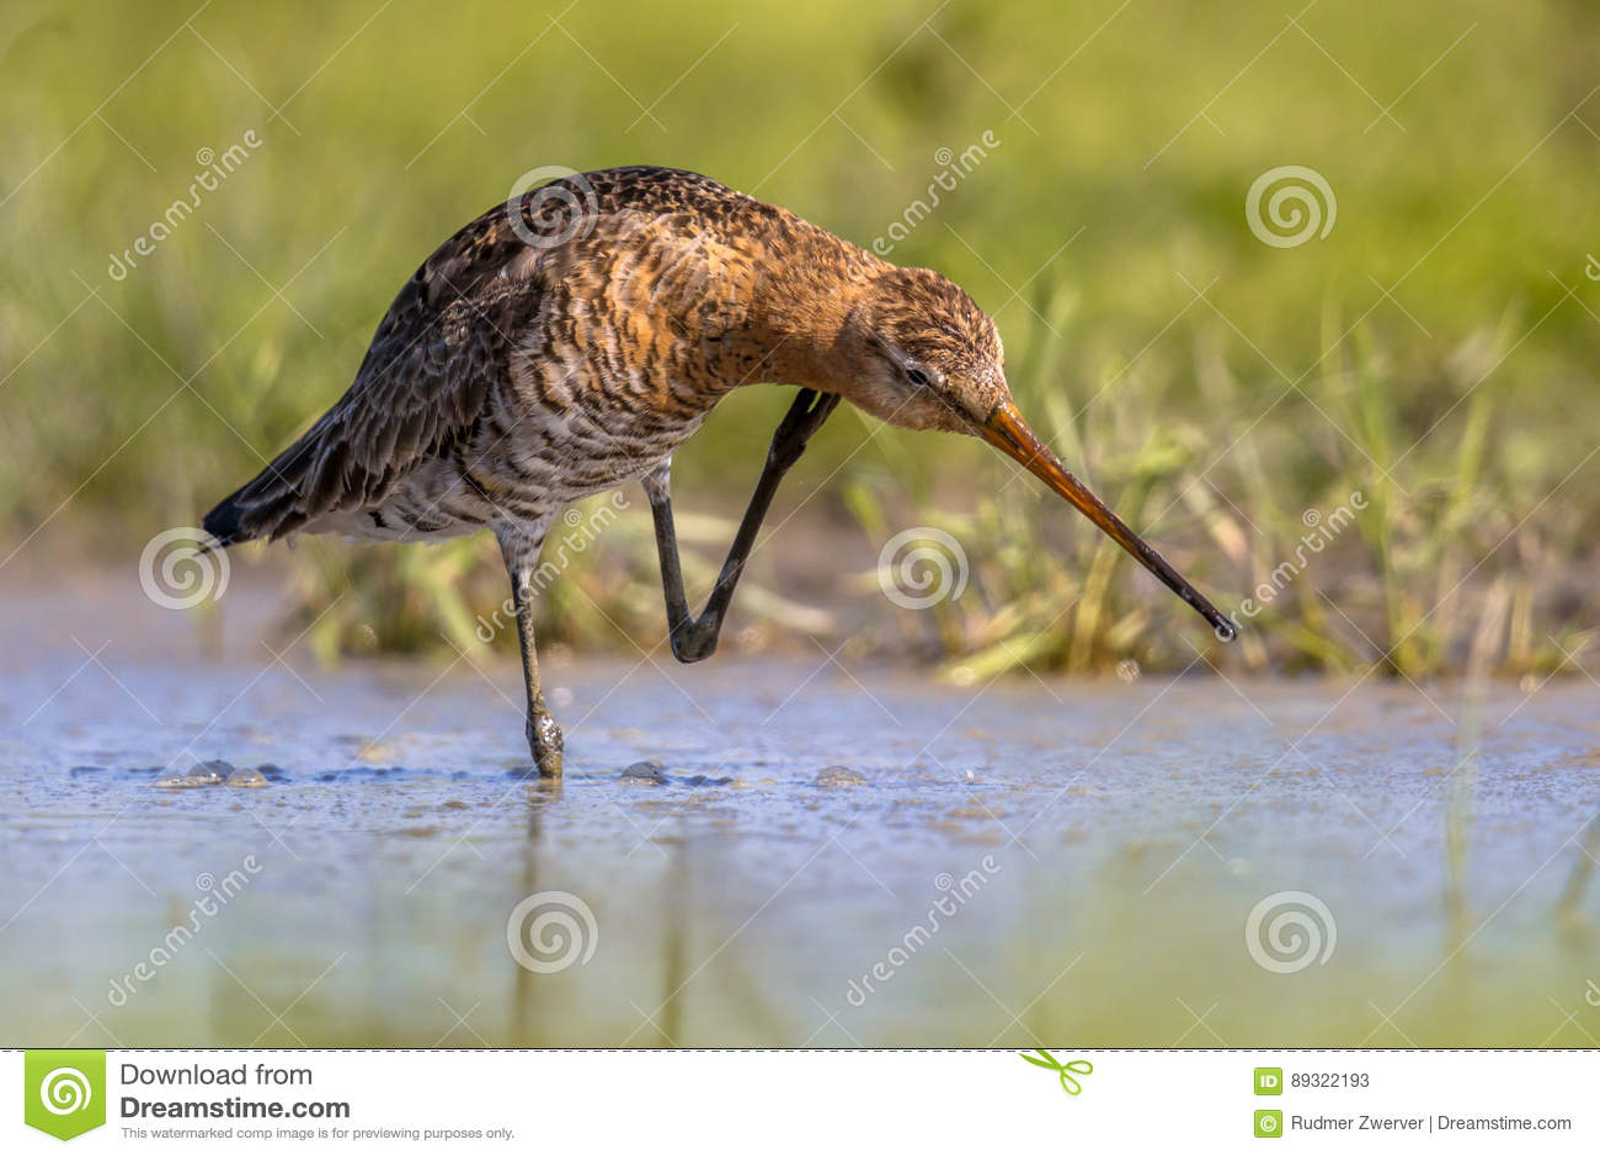 μεγάλο πουλί κάτω από το λαιμό Milf σαν μεγάλο μαύρο κρουνός